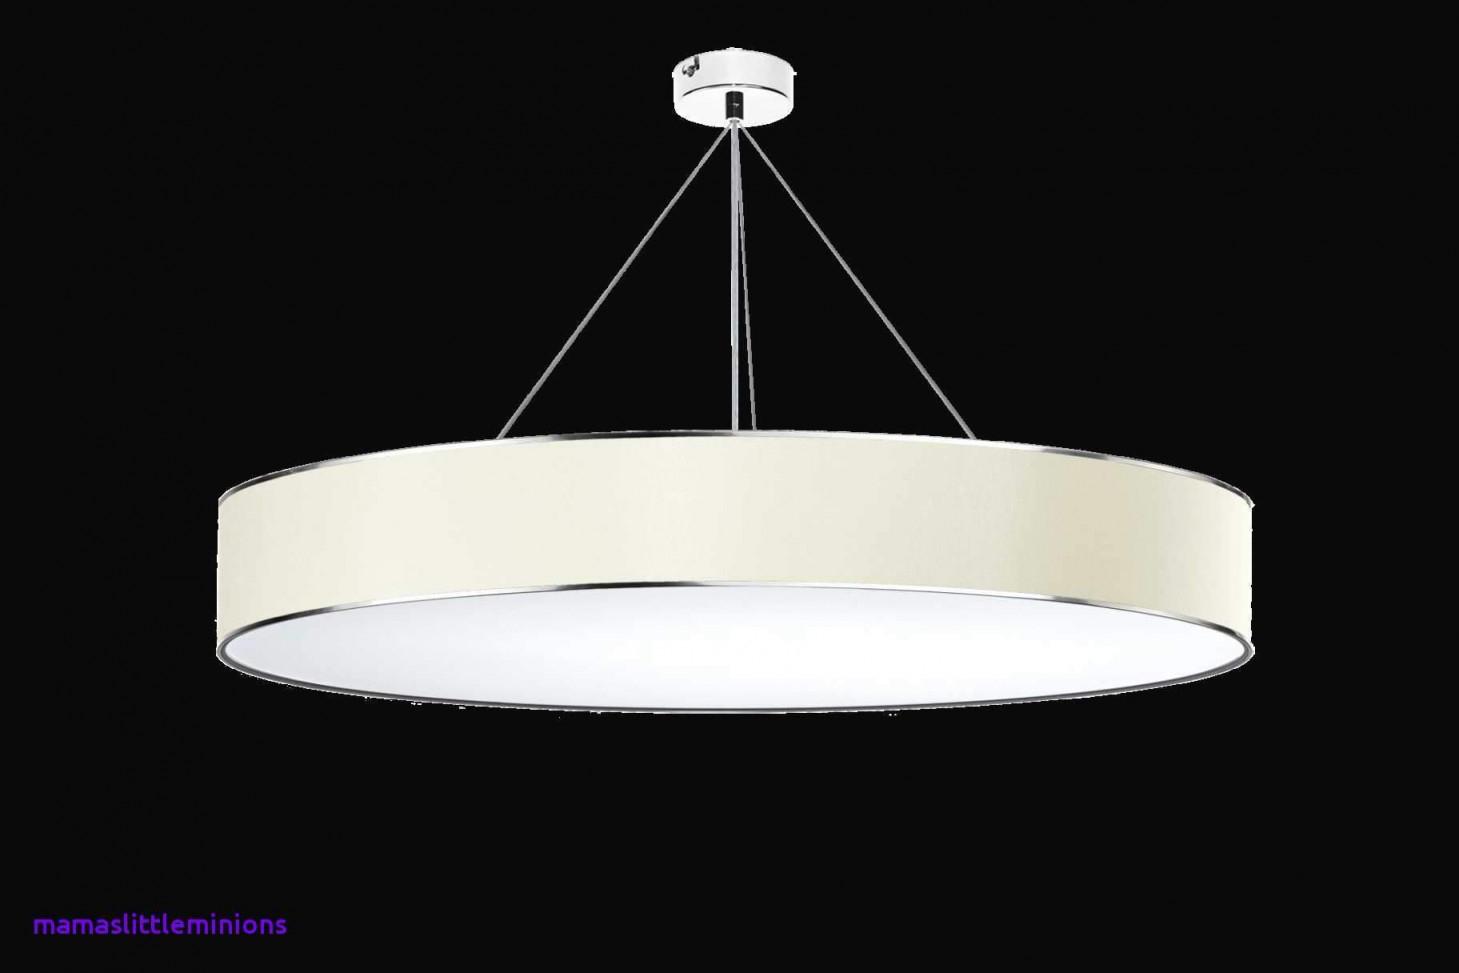 Deckenlampe Wohnzimmer Dimmbar Das Beste Von Elegant von Dimmbare Deckenlampe Wohnzimmer Bild